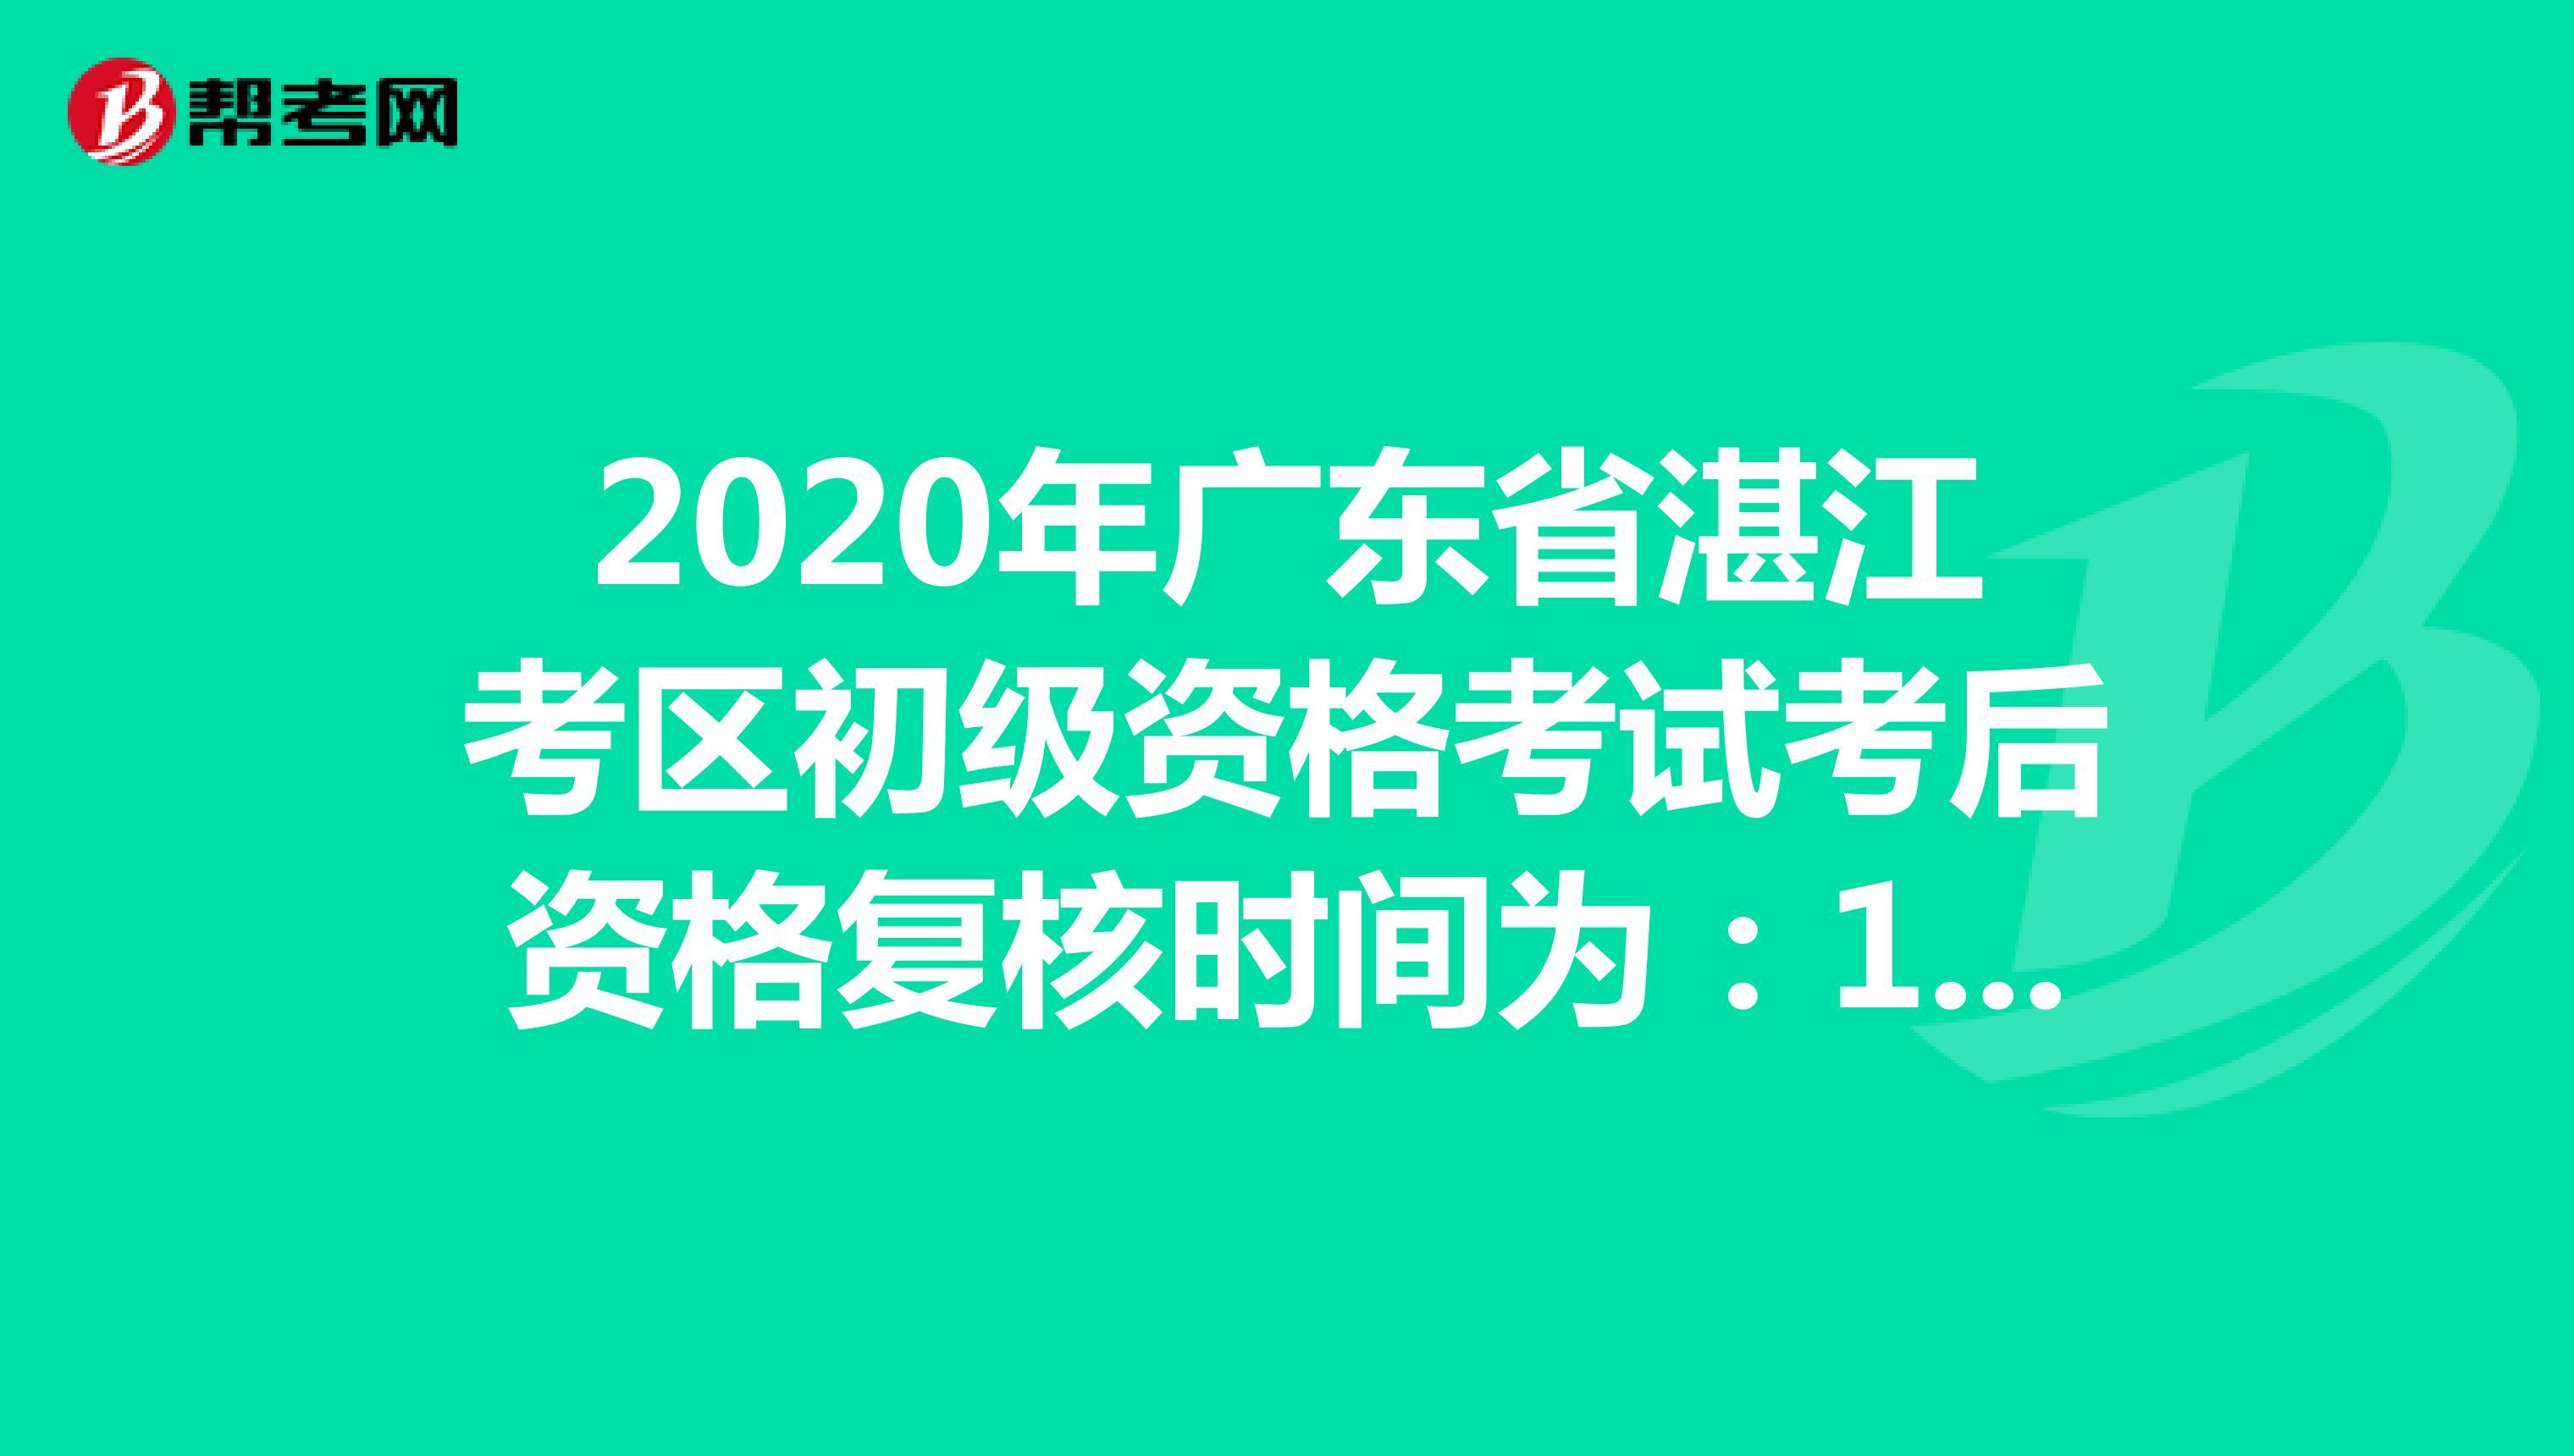 2020年广东省湛江考区初级资格考试考后资格复核时间为:10月19日-10月30日